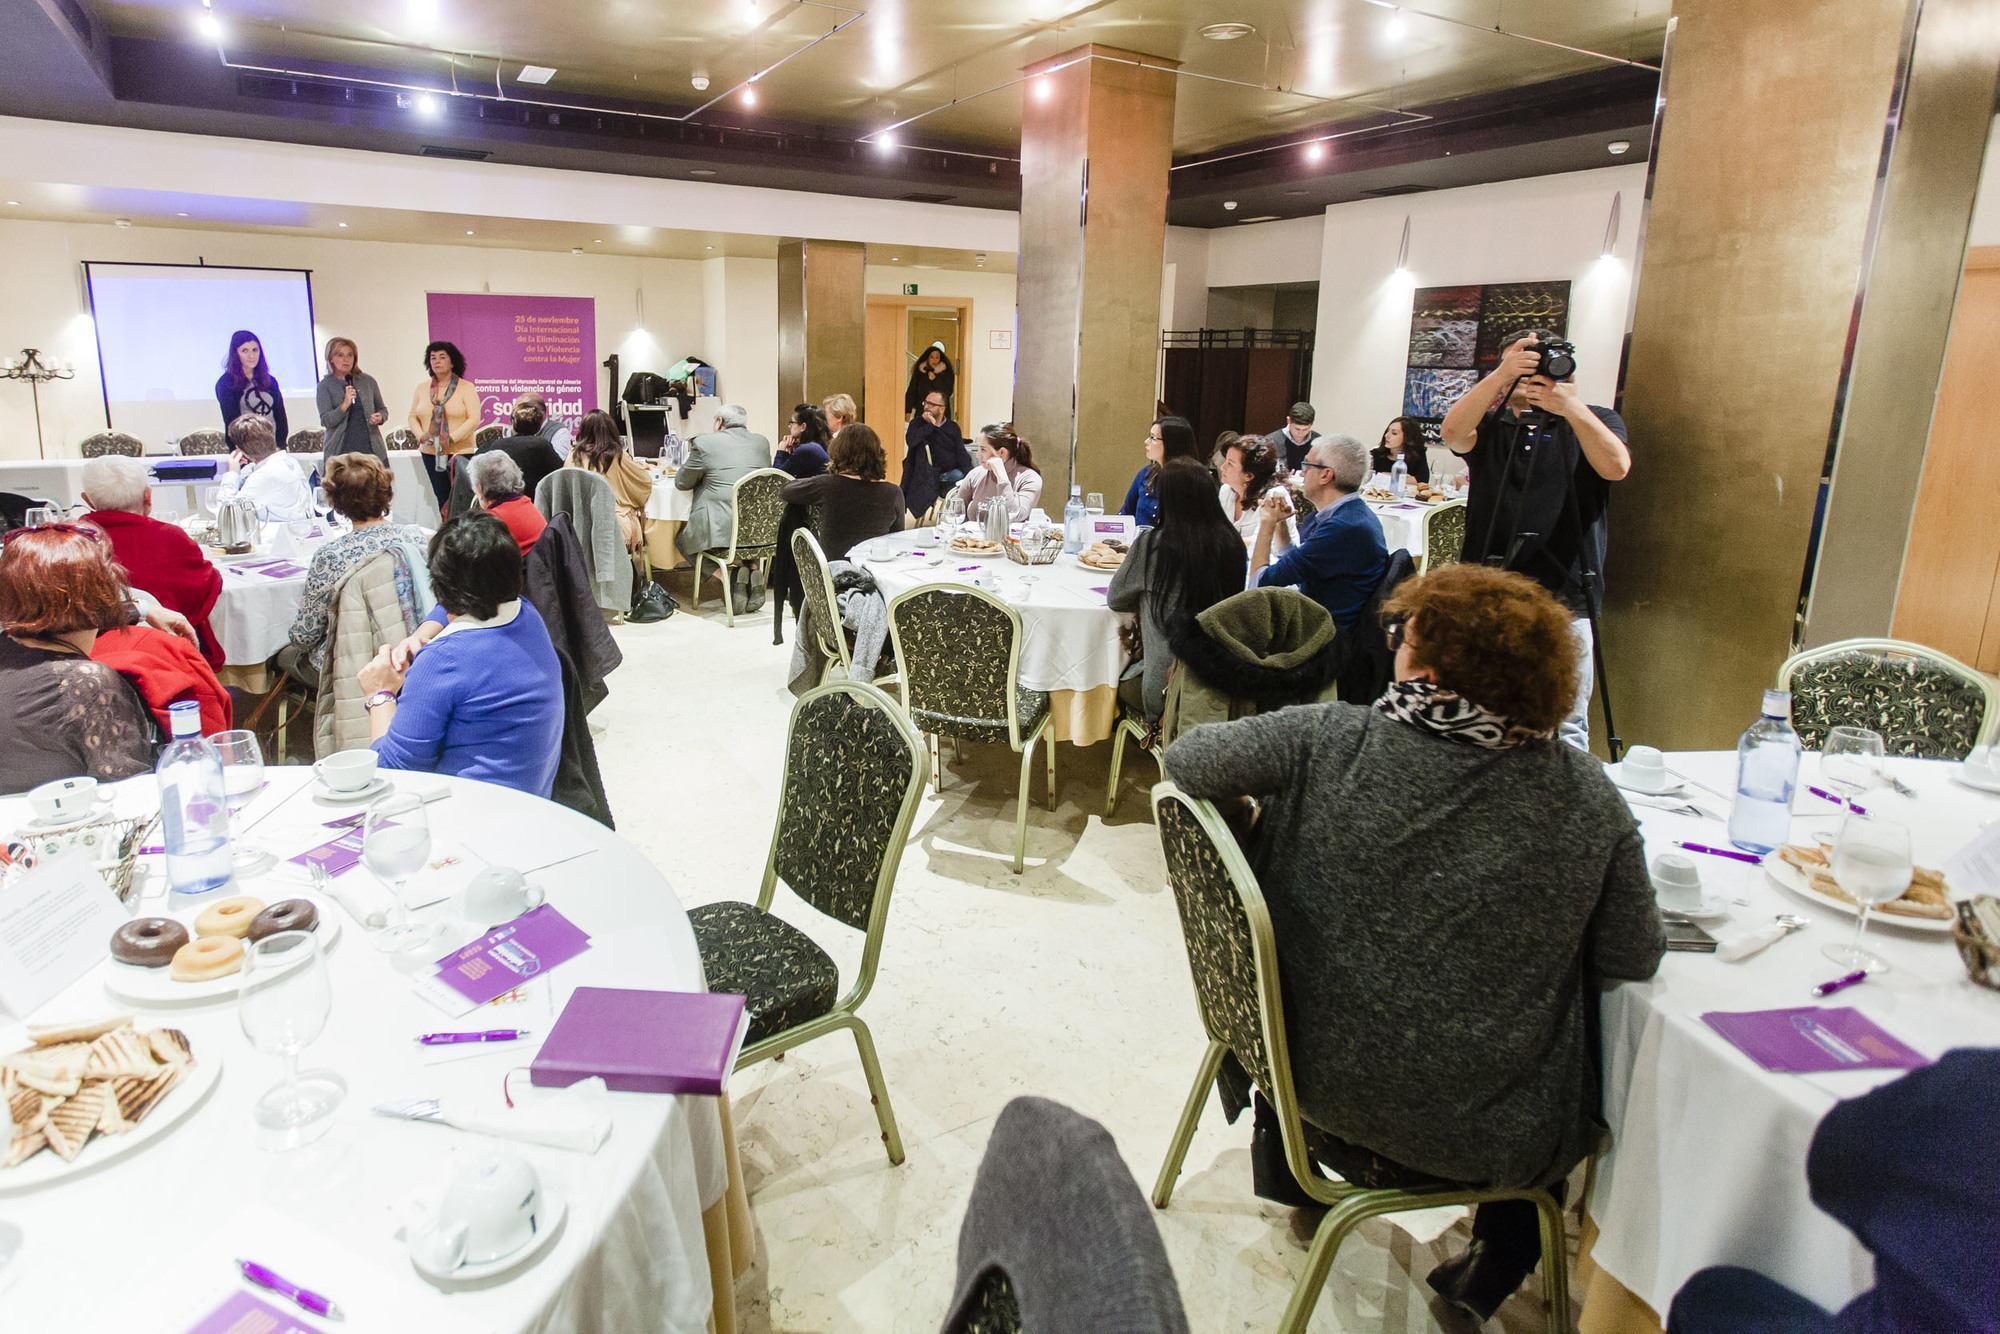 Psicólogos y trabajadores sociales debaten sobre el impacto de la violencia de género en niños, niñas y adolescentes